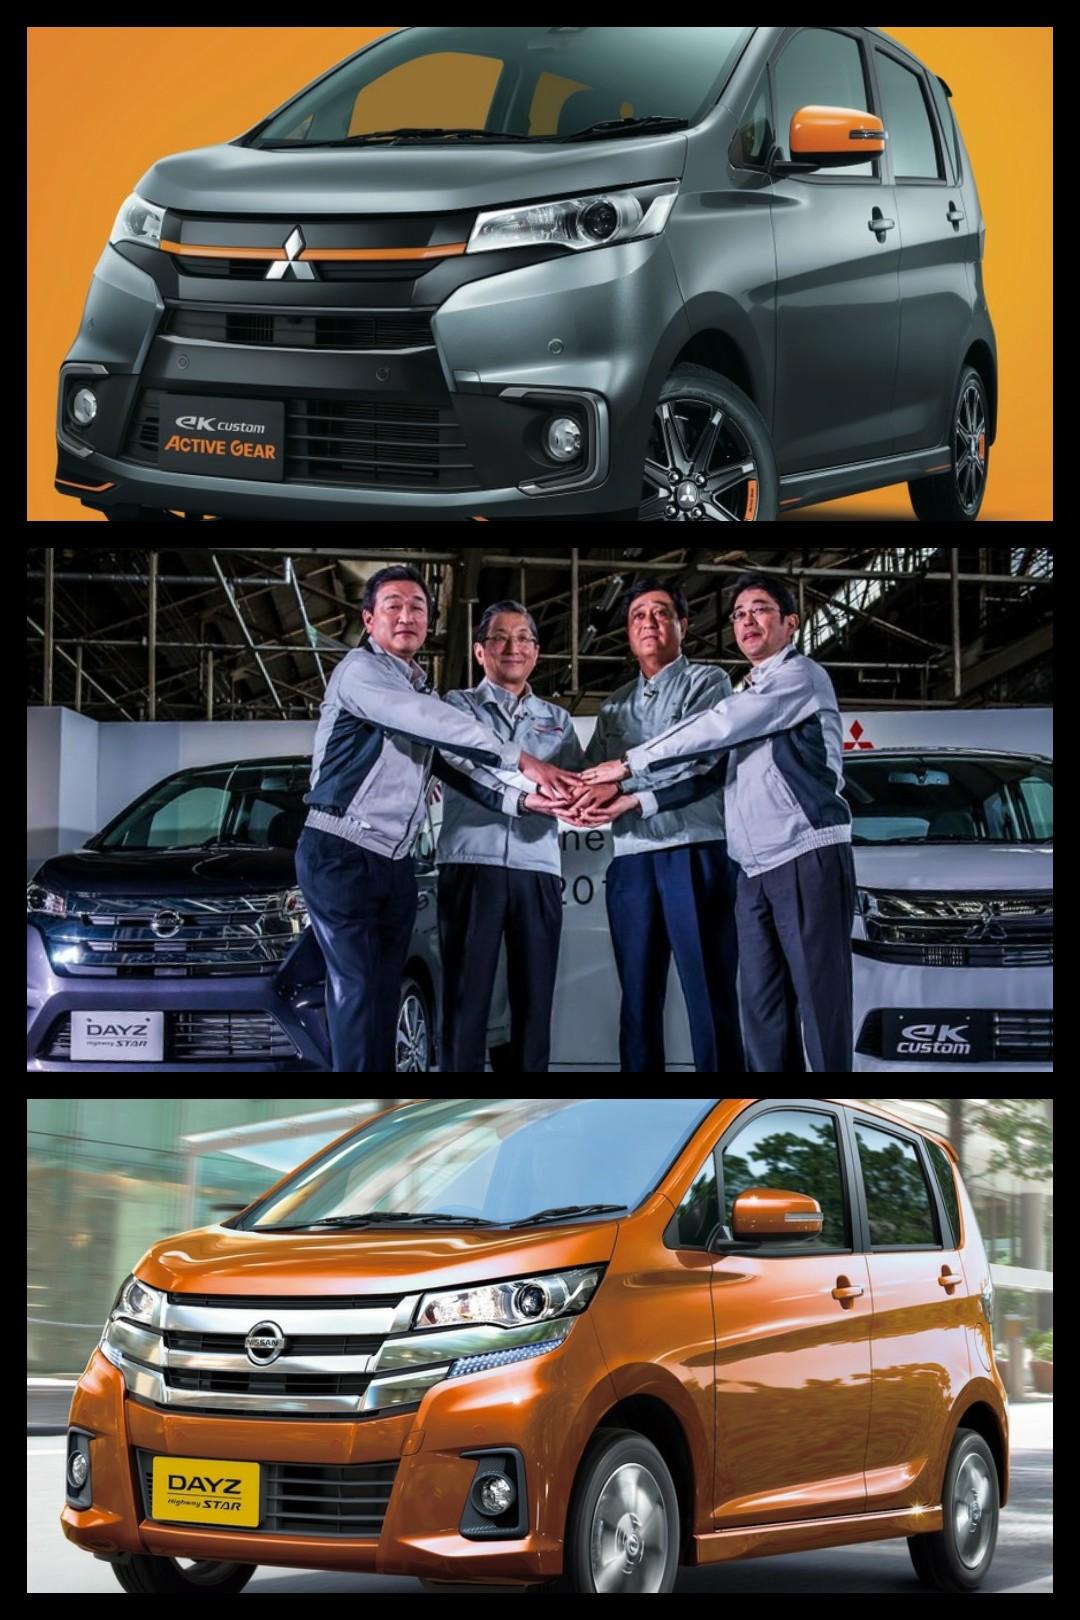 日産デイズ三菱ek 軽自動車生産